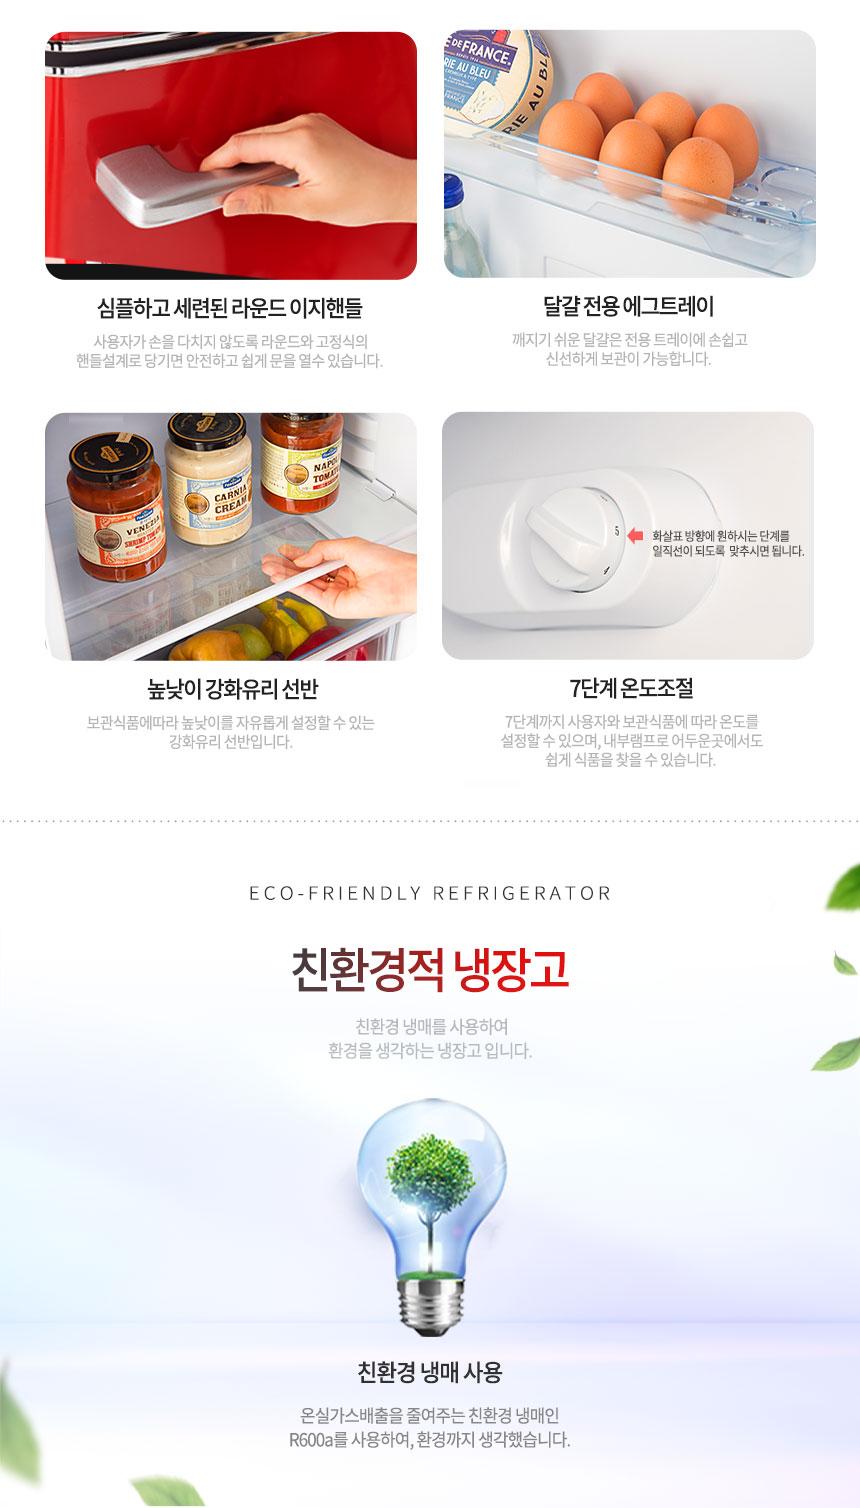 상세페이지 4, 에너지소비효율1등급, 친환경 냉매 사용, 냉장실 냉동실 분리